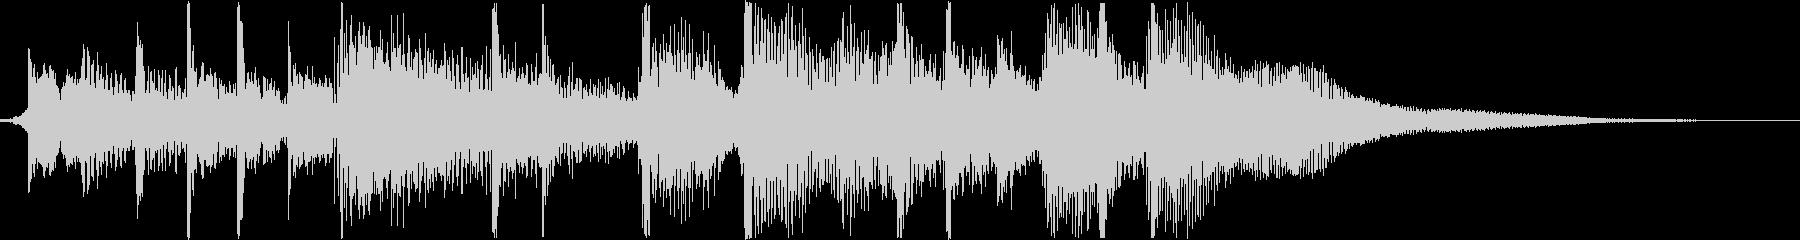 アコースティックギターフックとフレ...の未再生の波形